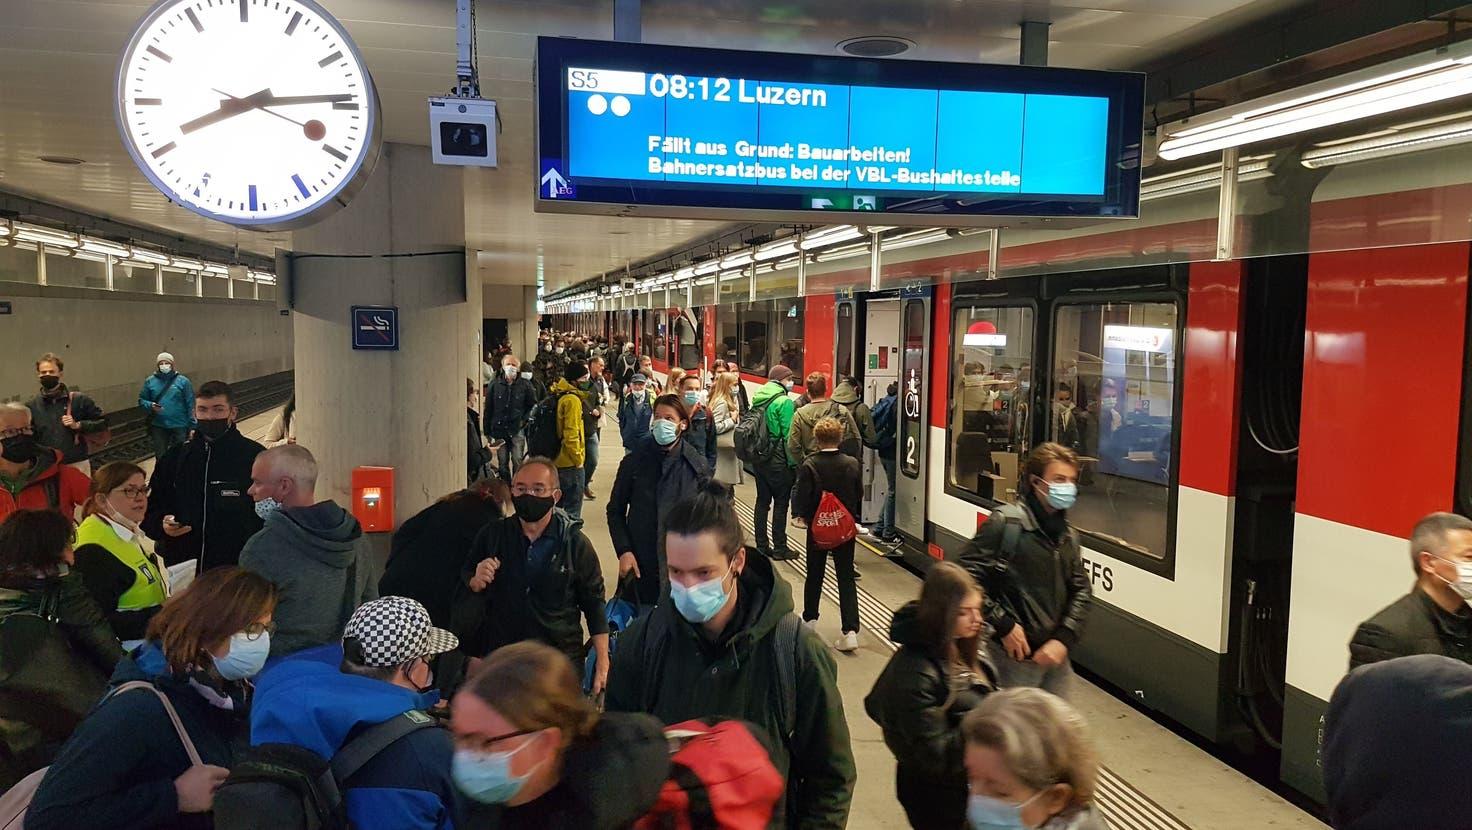 Zwischen Luzern und Luzern Allmend/Messe fahren zwischen dem 18. Oktober und dem 14. November 2021 keine Zentralbahn-Züge. Dies, weil im Bahnhof Luzern eine Doppelspur für die Zentralbahn gebaut wird. (Bild: Matthias Piazza(Luzern, 18. Oktober 2021))